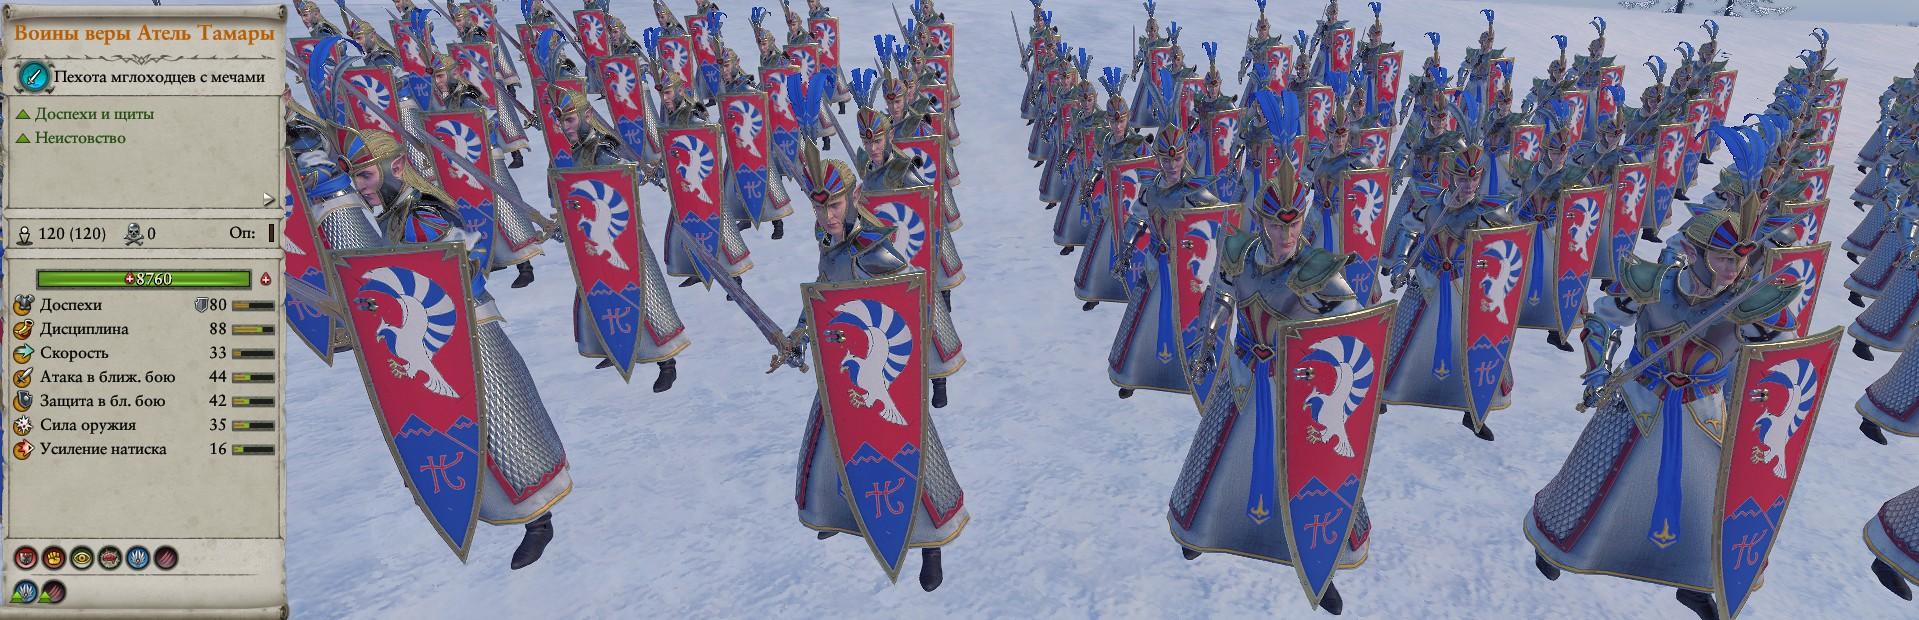 Воины веры Атель Тамары отряд